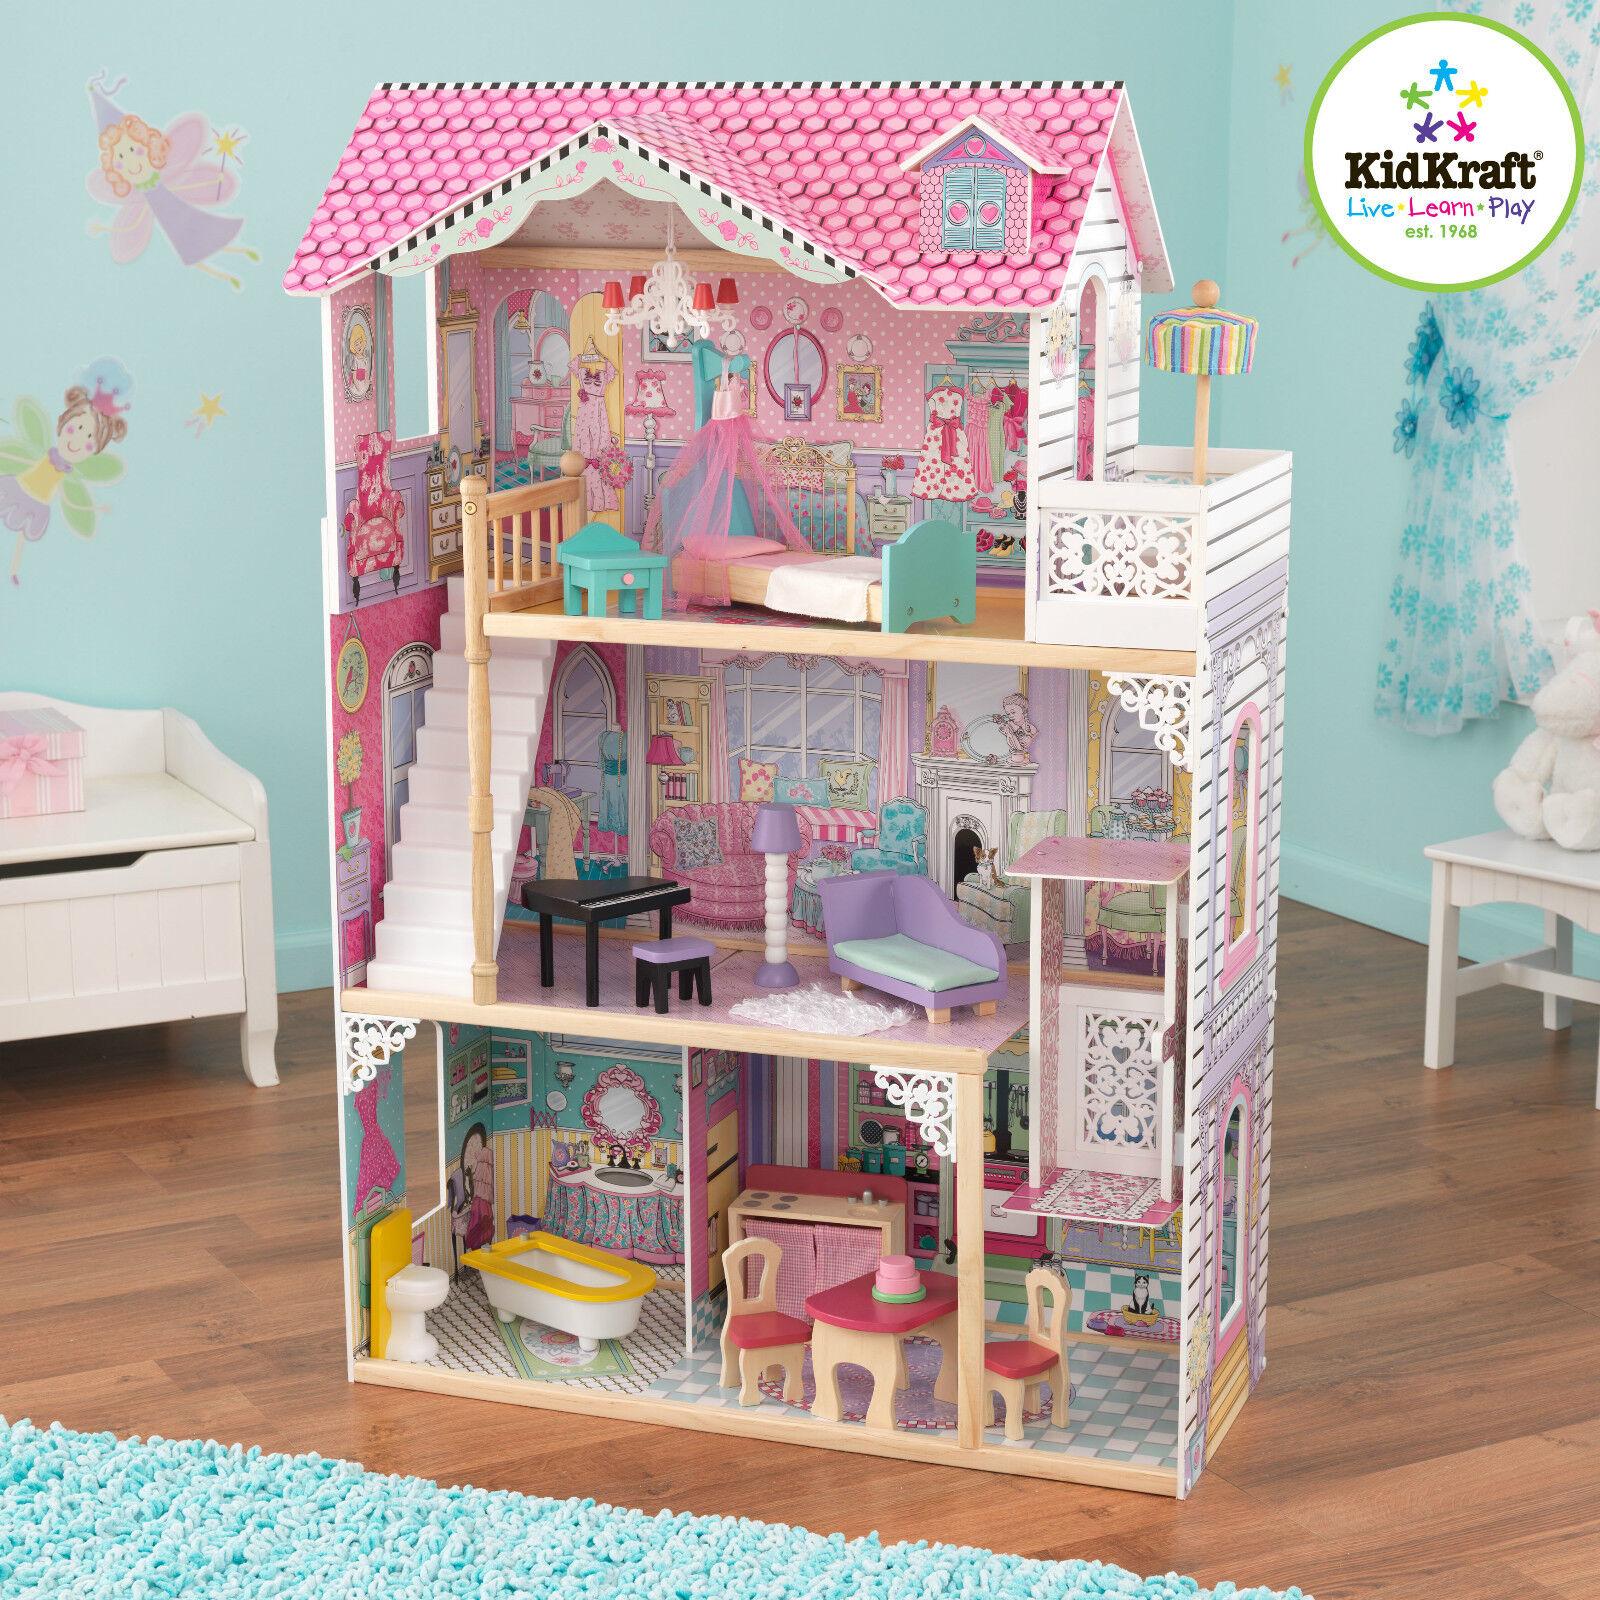 KidKraft Annabelle Casa Delle Bambole, grande casa di bambola di legno con Lift si adatta Bambola Barbie